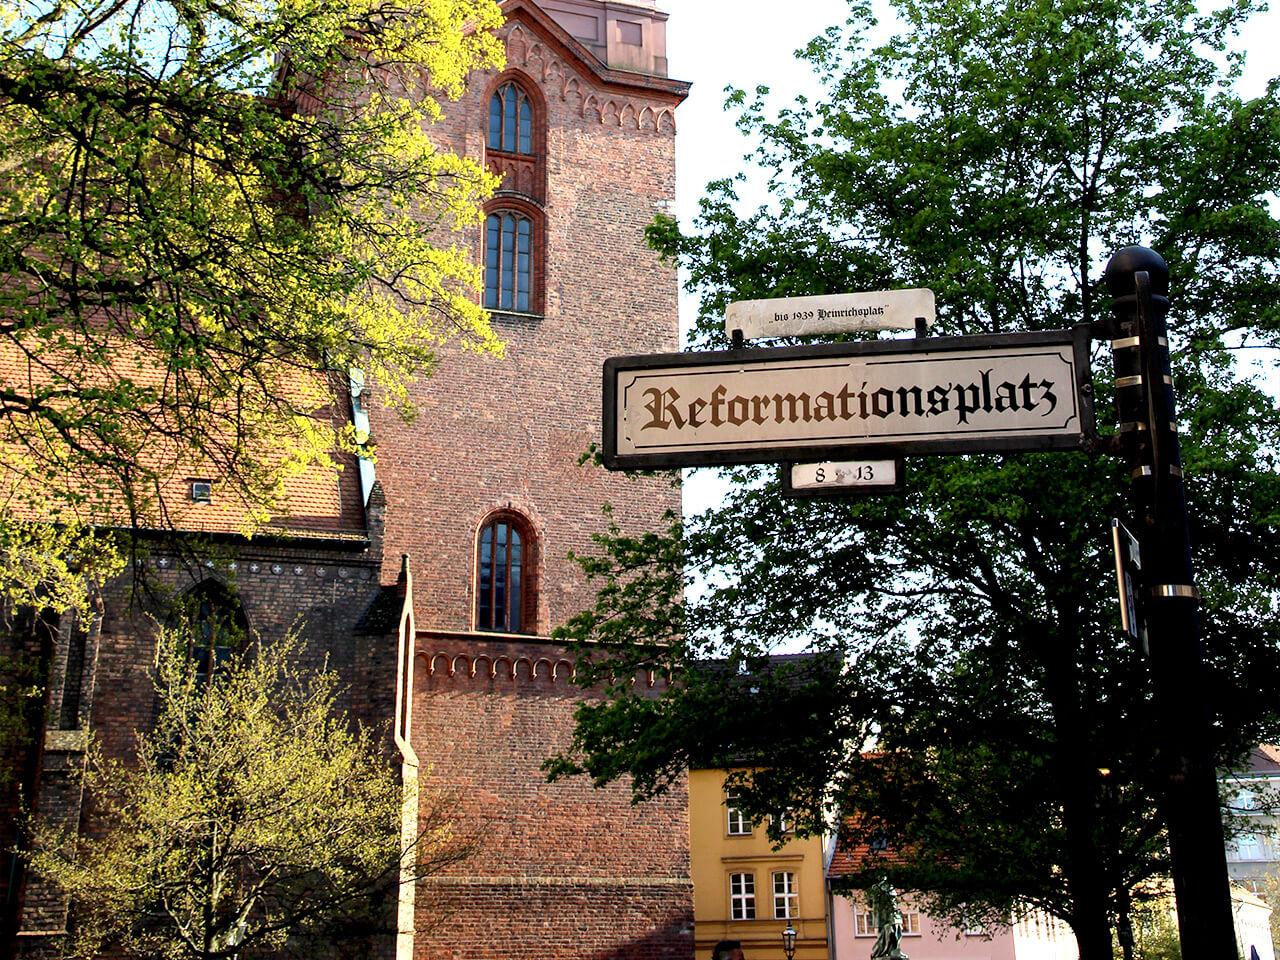 Kirche am Reformationsplatz